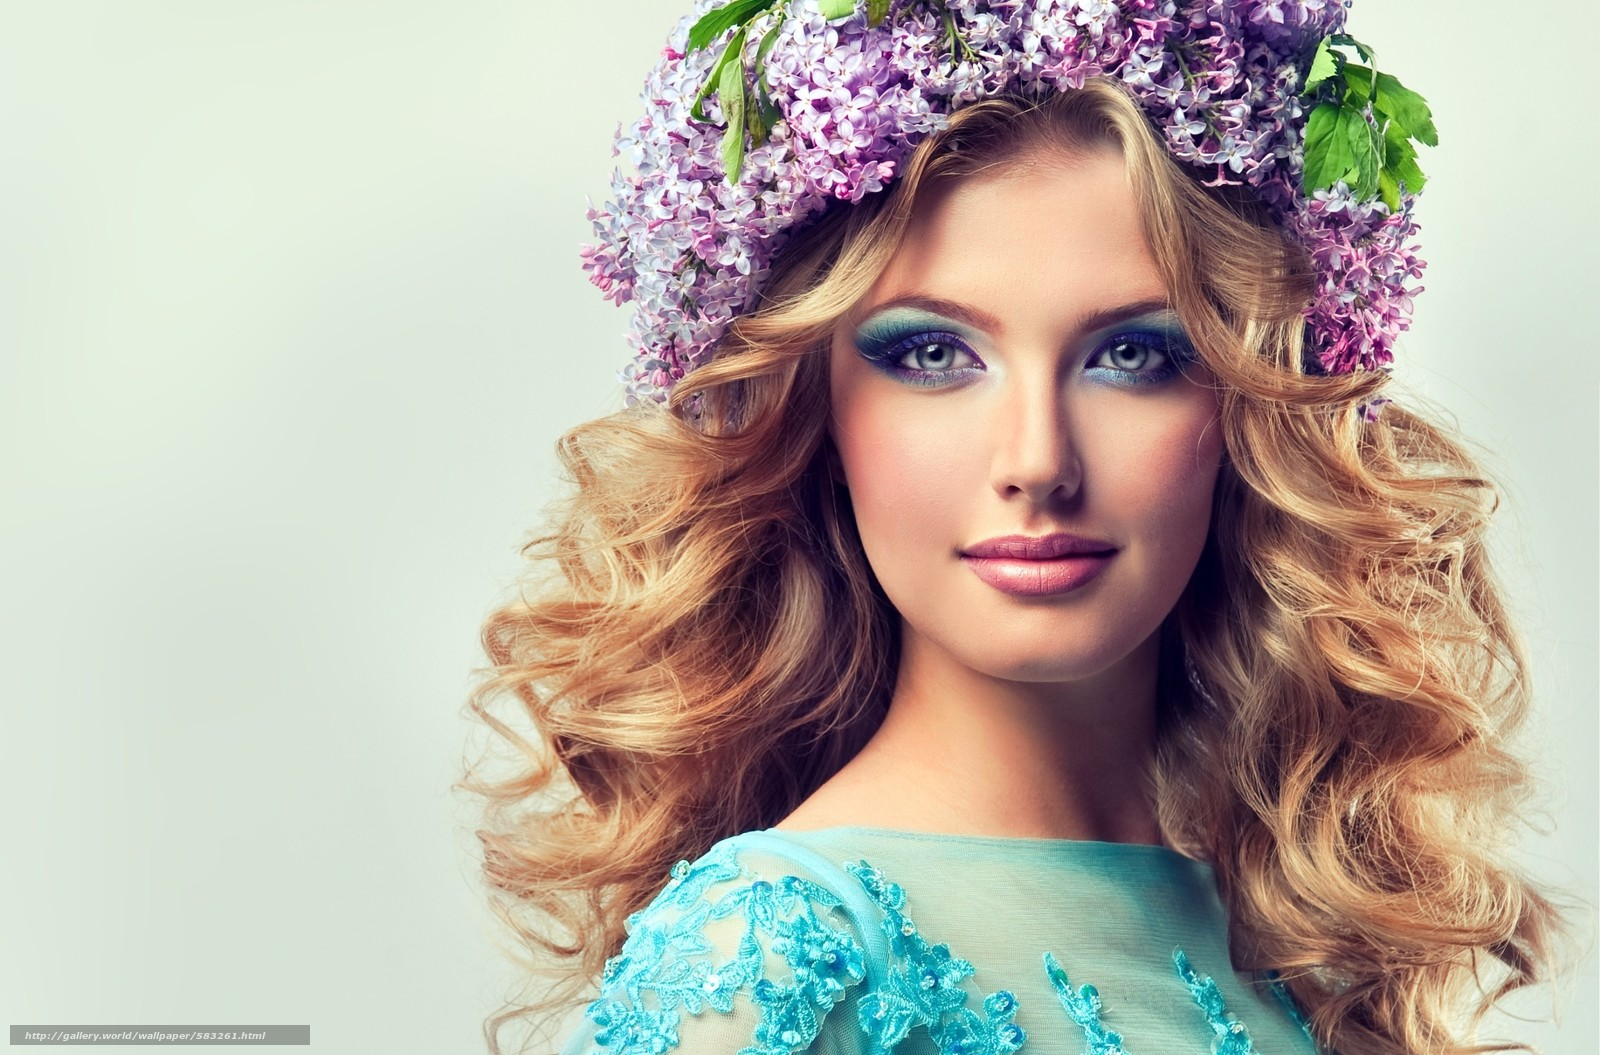 Хентаи девка синего цвета 20 фотография